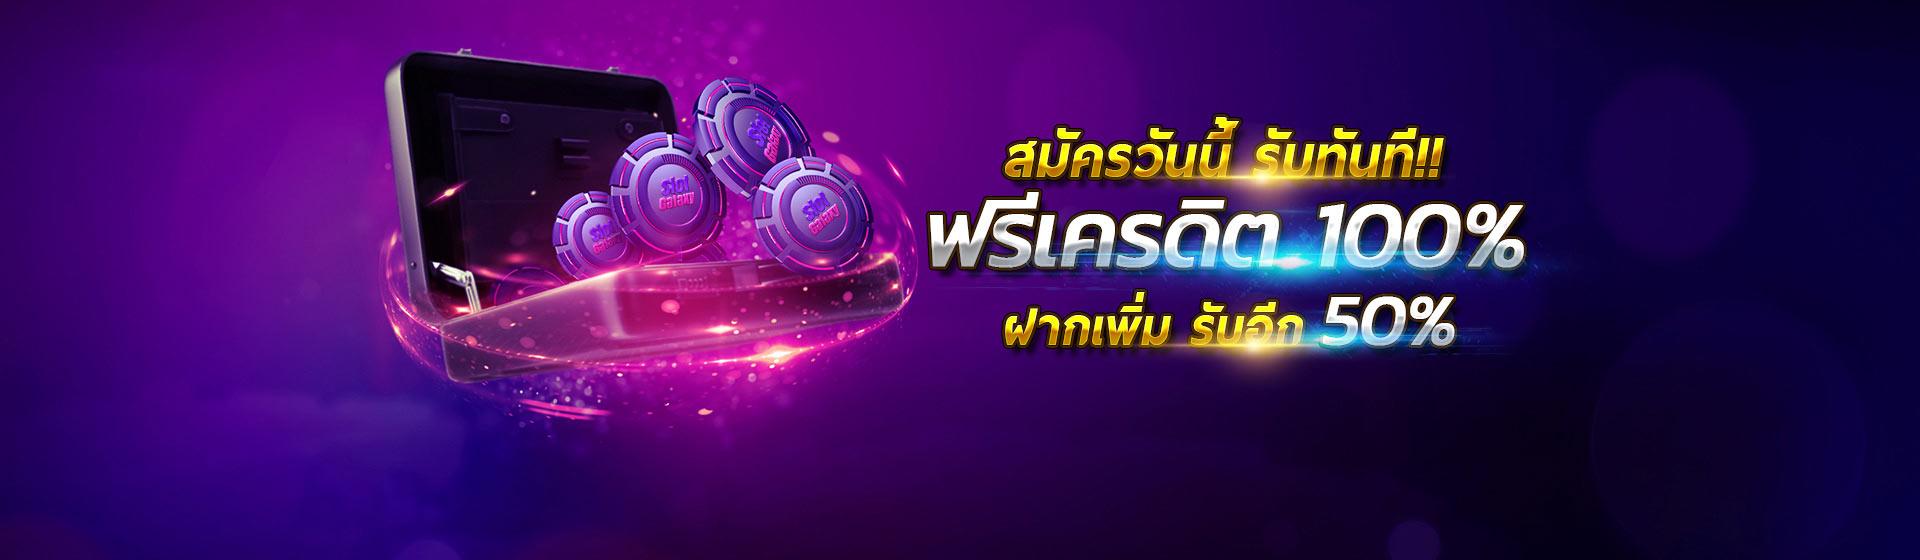 Slot online สมัครเล่น สล็อตออนไลน์